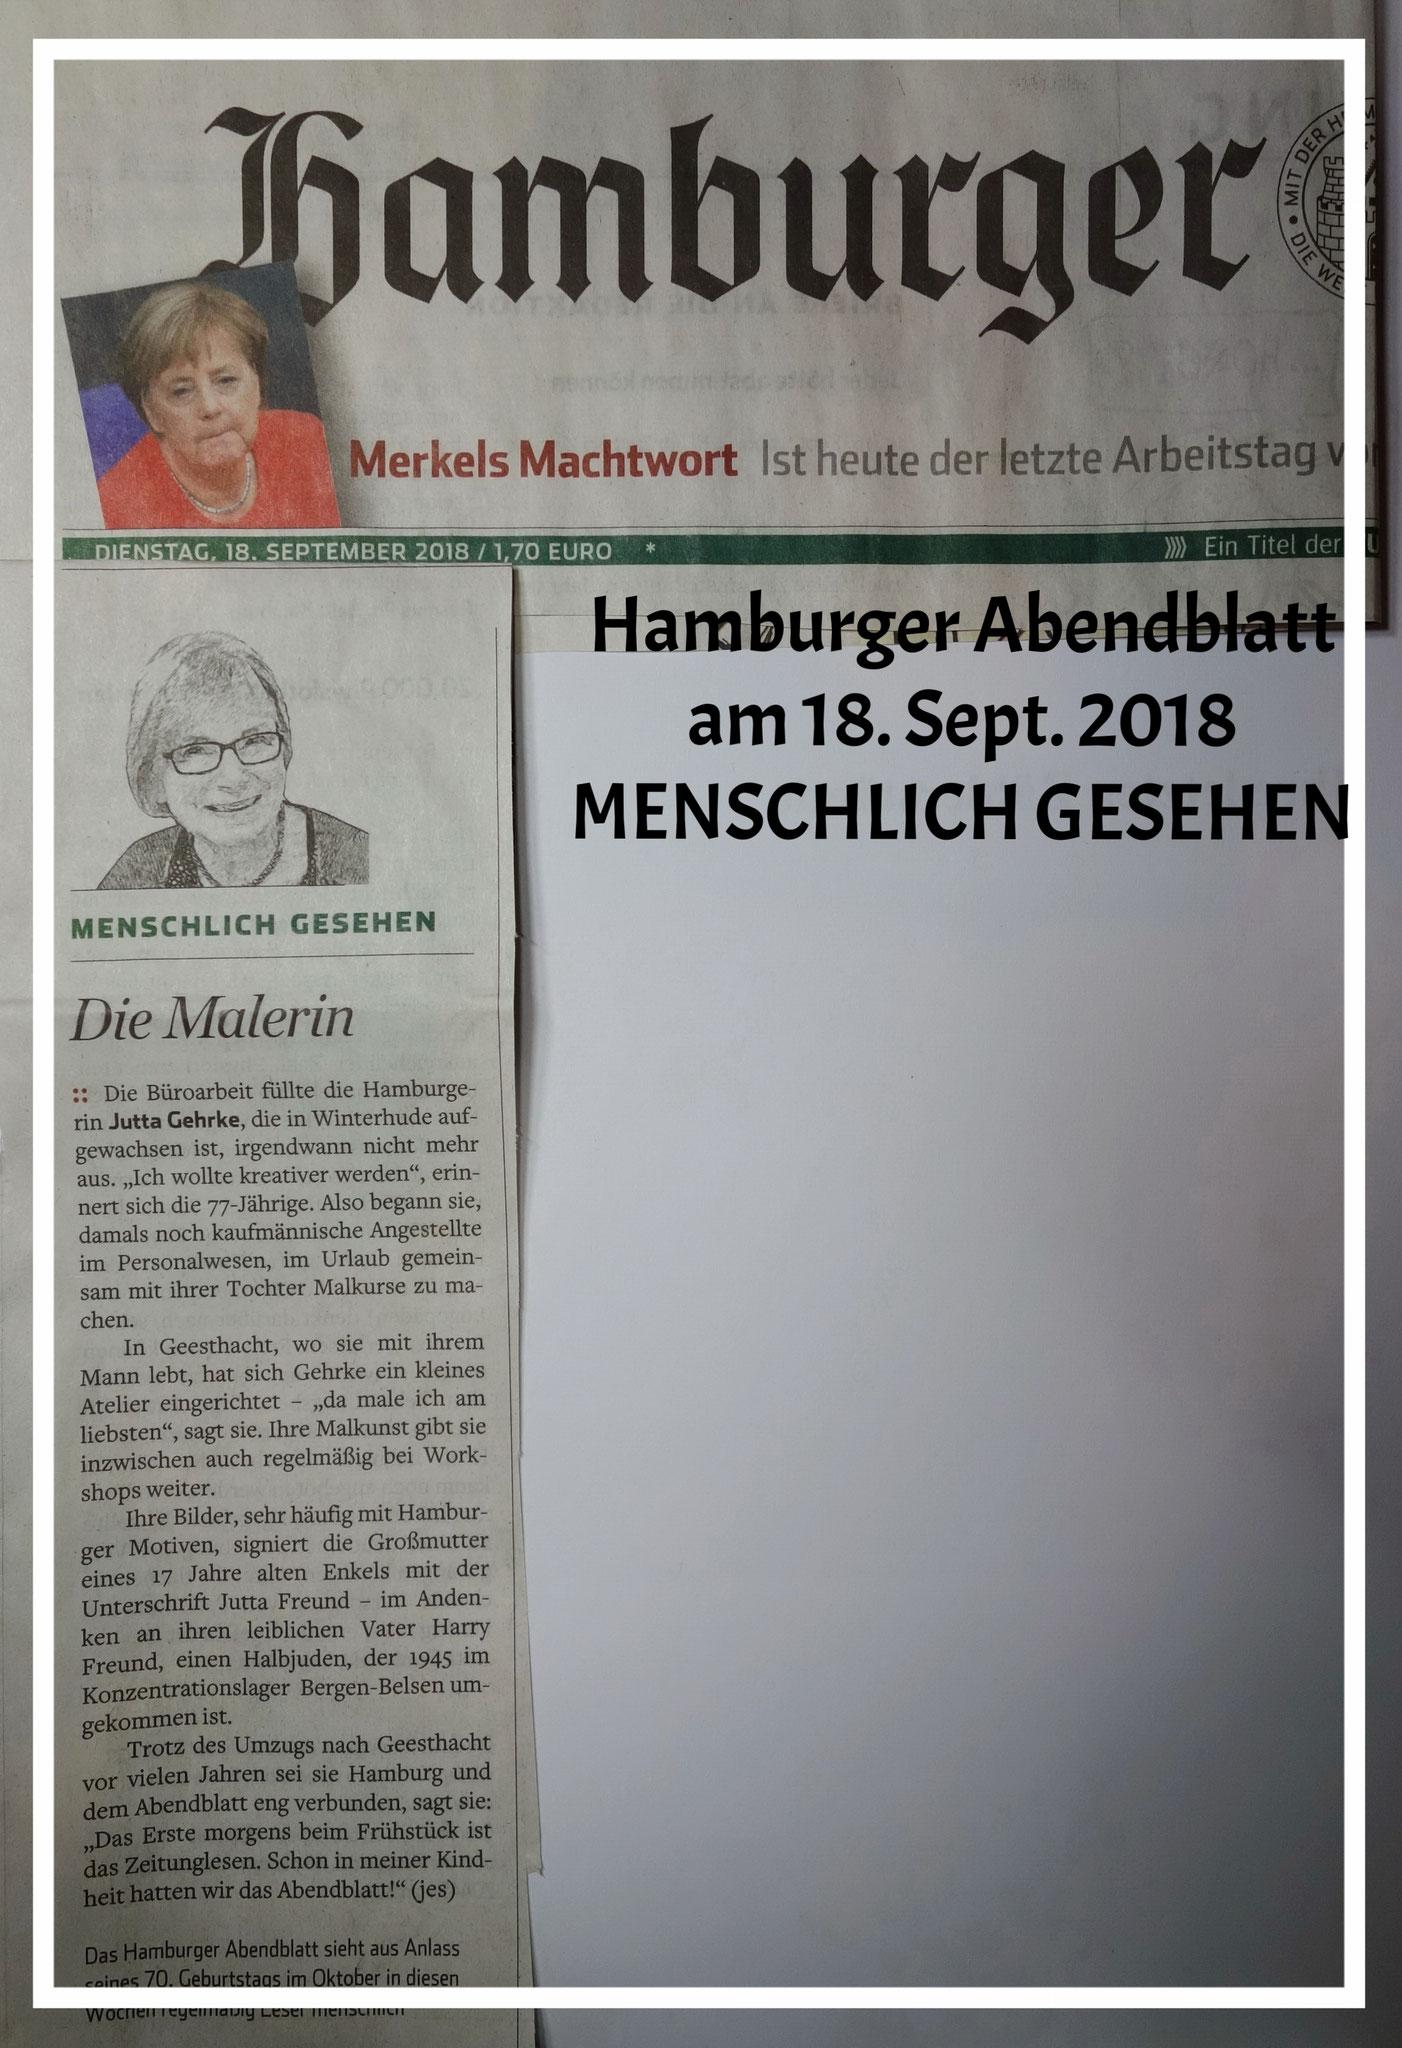 Menschlich gesehen/Hamburger Abendblatt